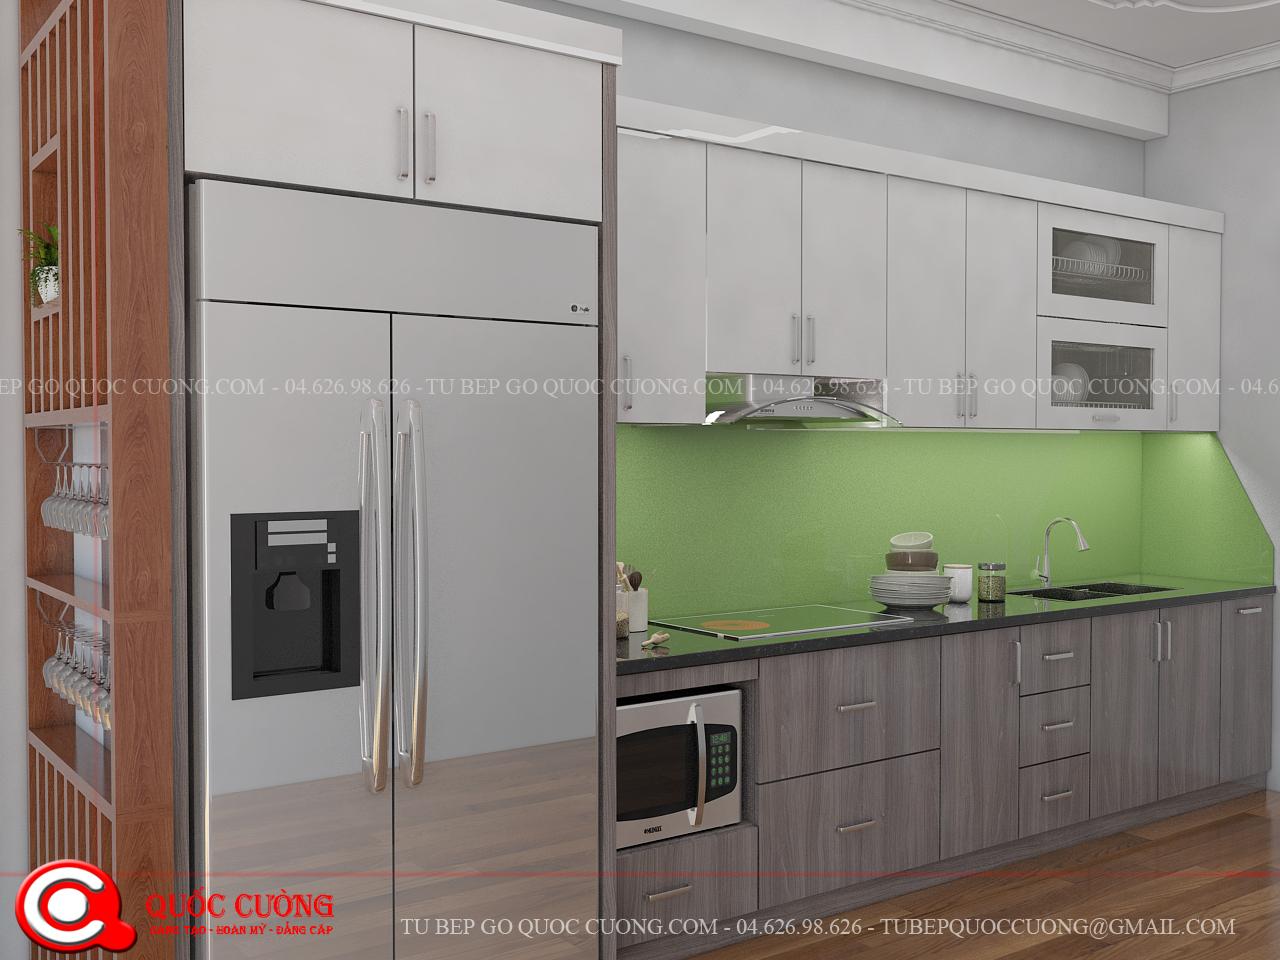 Tủ bếp gỗ Laminate L10 được là mẫu tủ bếp gỗ công nghiệp rất được ưa chuộng hiện nay bởi những đặc tính và ưu điểm vượt trội như tính thẩm mỹ cao, khả năng chịu lực, chịu nhiệt tốt.